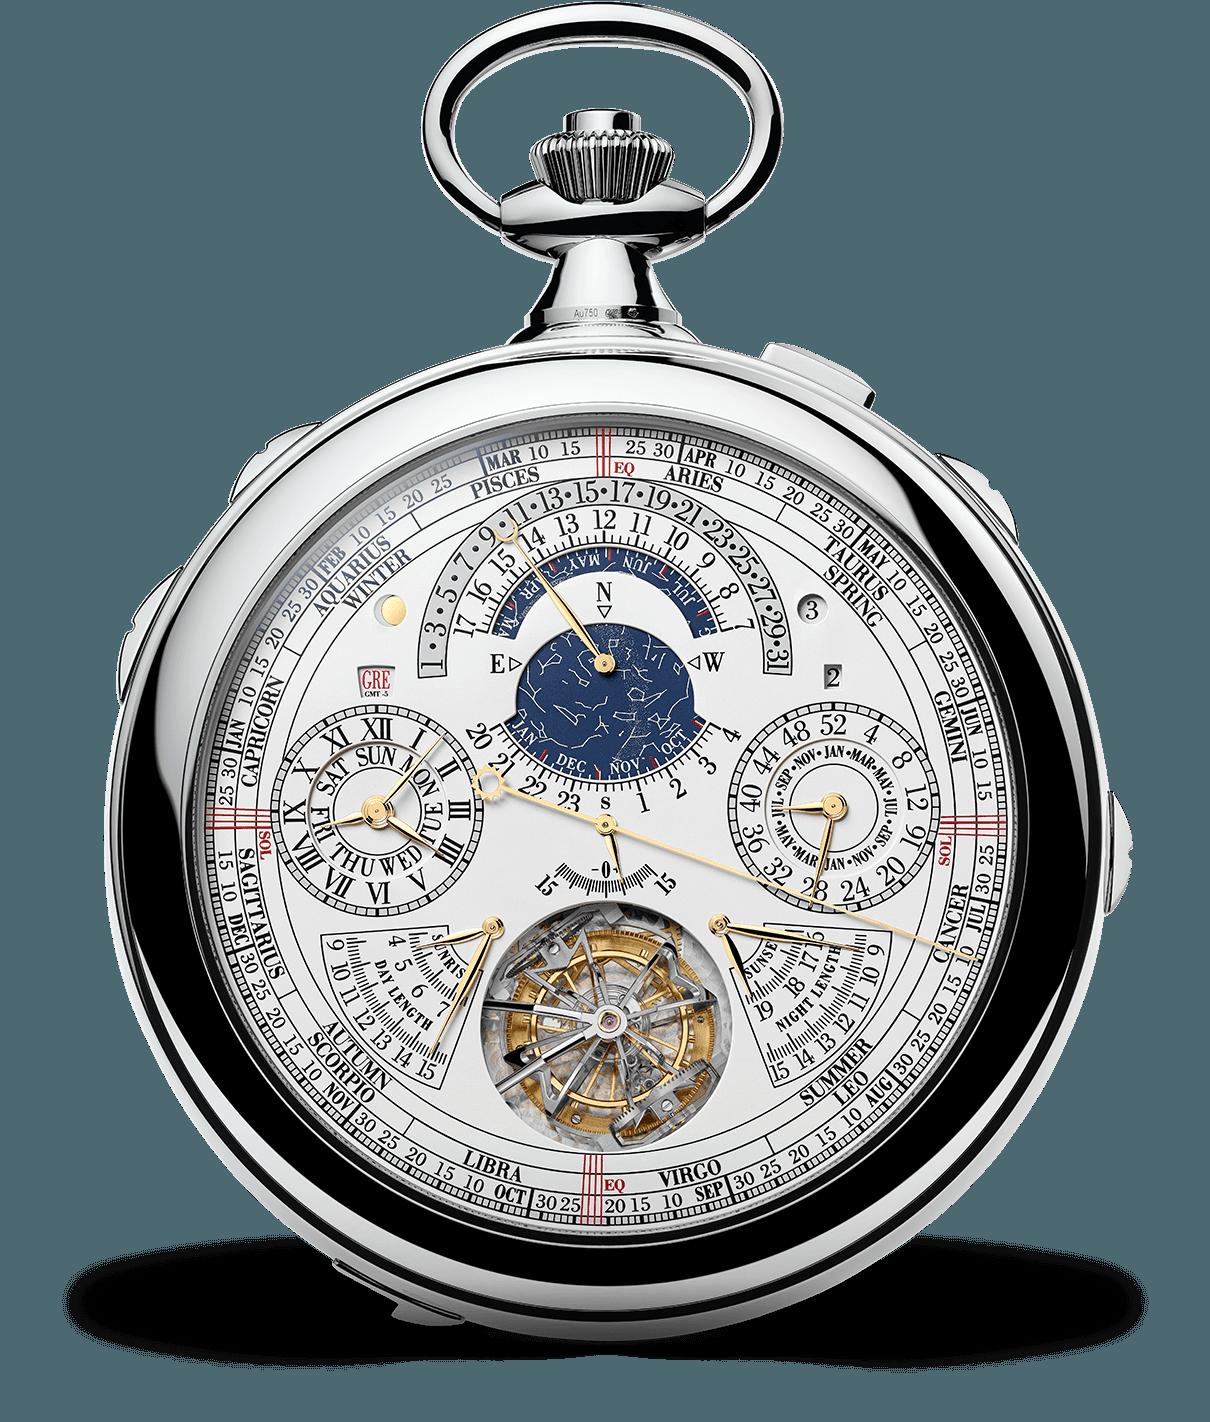 Másfél milliárd forintba kerül a világ legbonyolultabb órája – még zsidó naptár is van benne